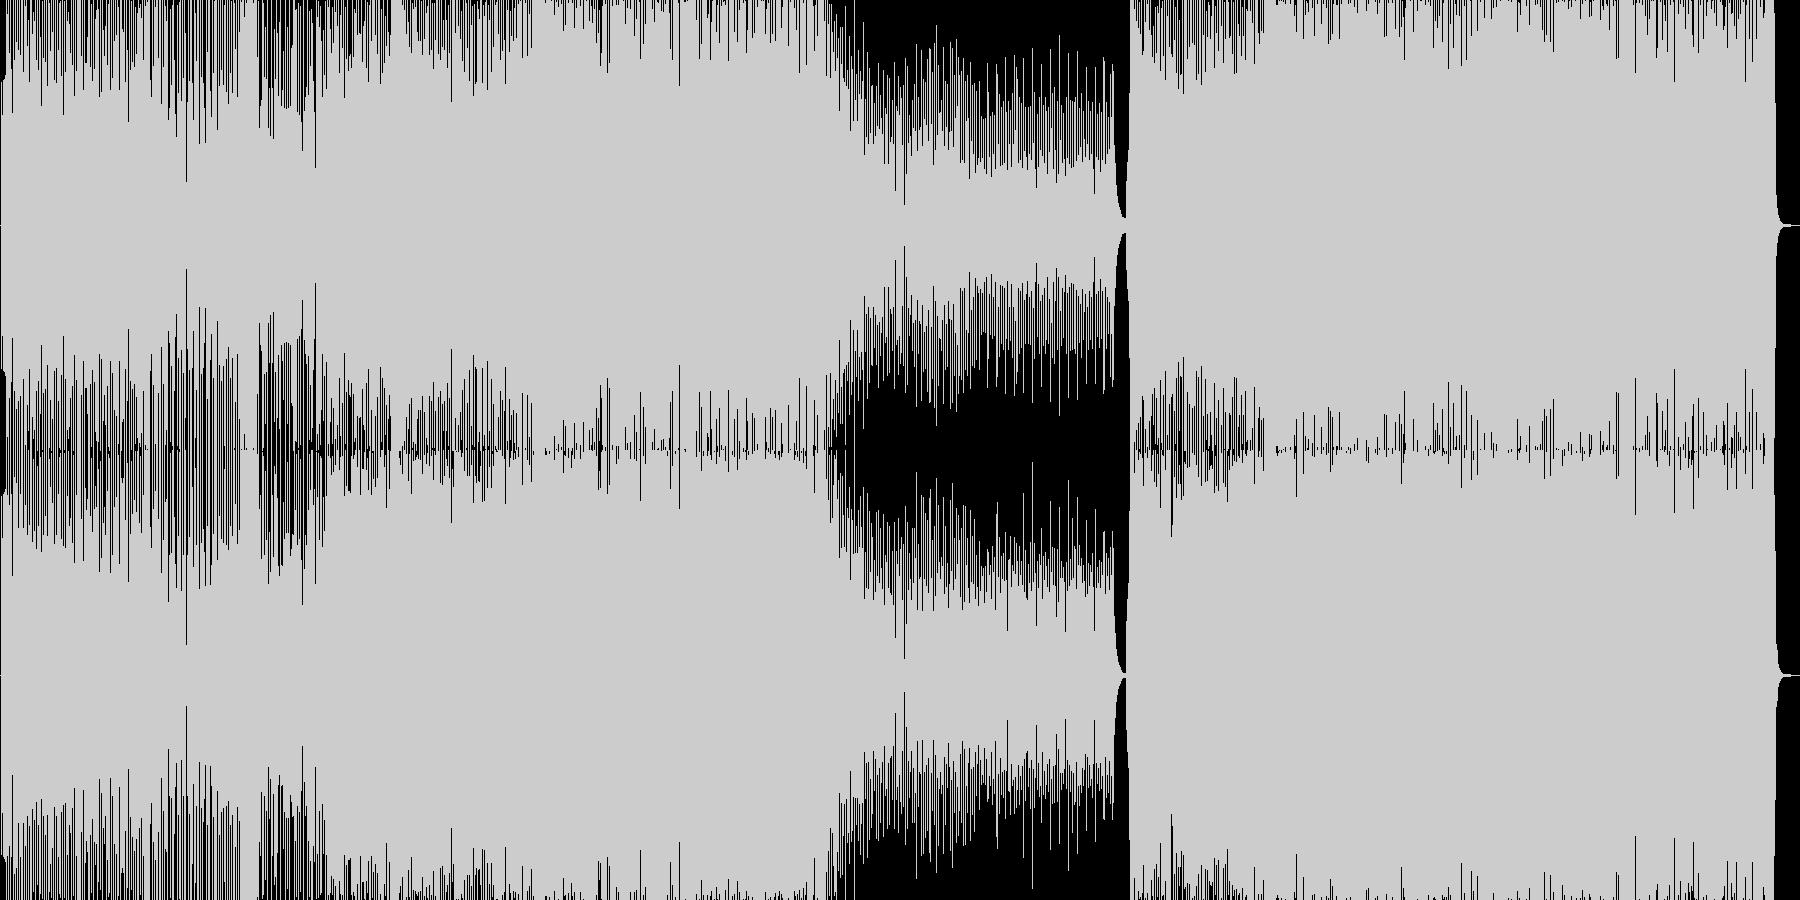 コミカルなJazzEDMですの未再生の波形